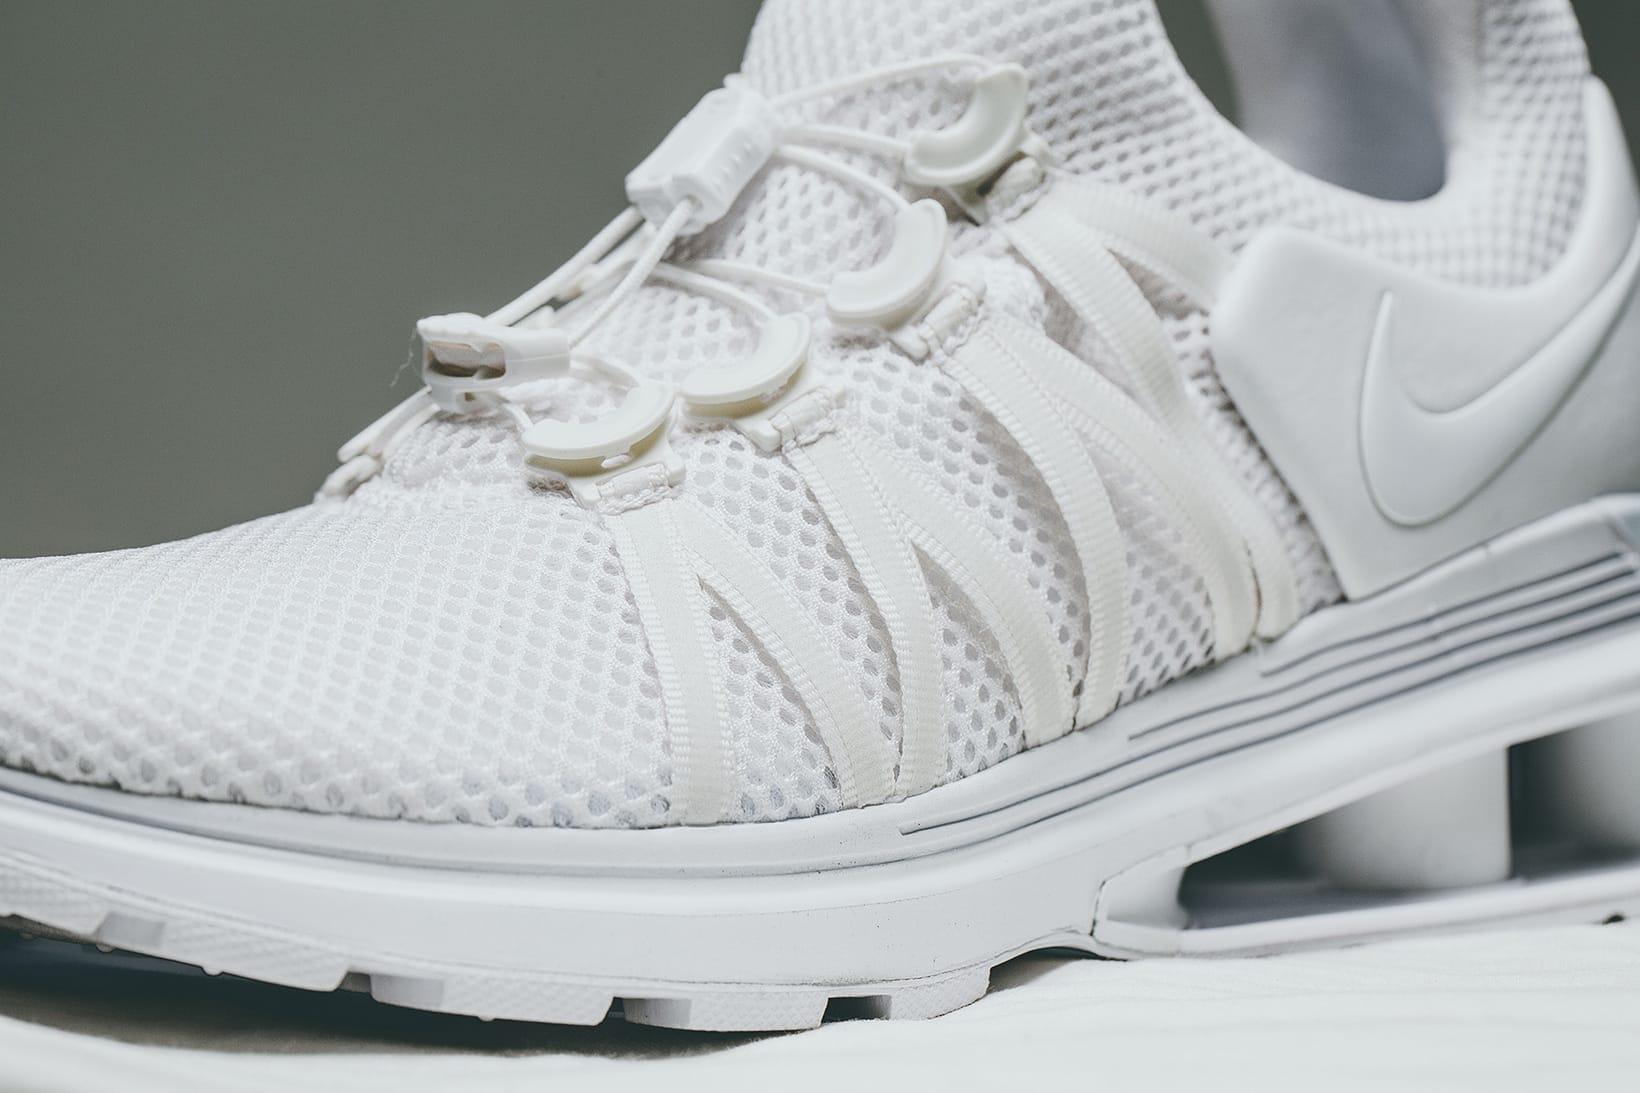 Nike Shox Gravity in \